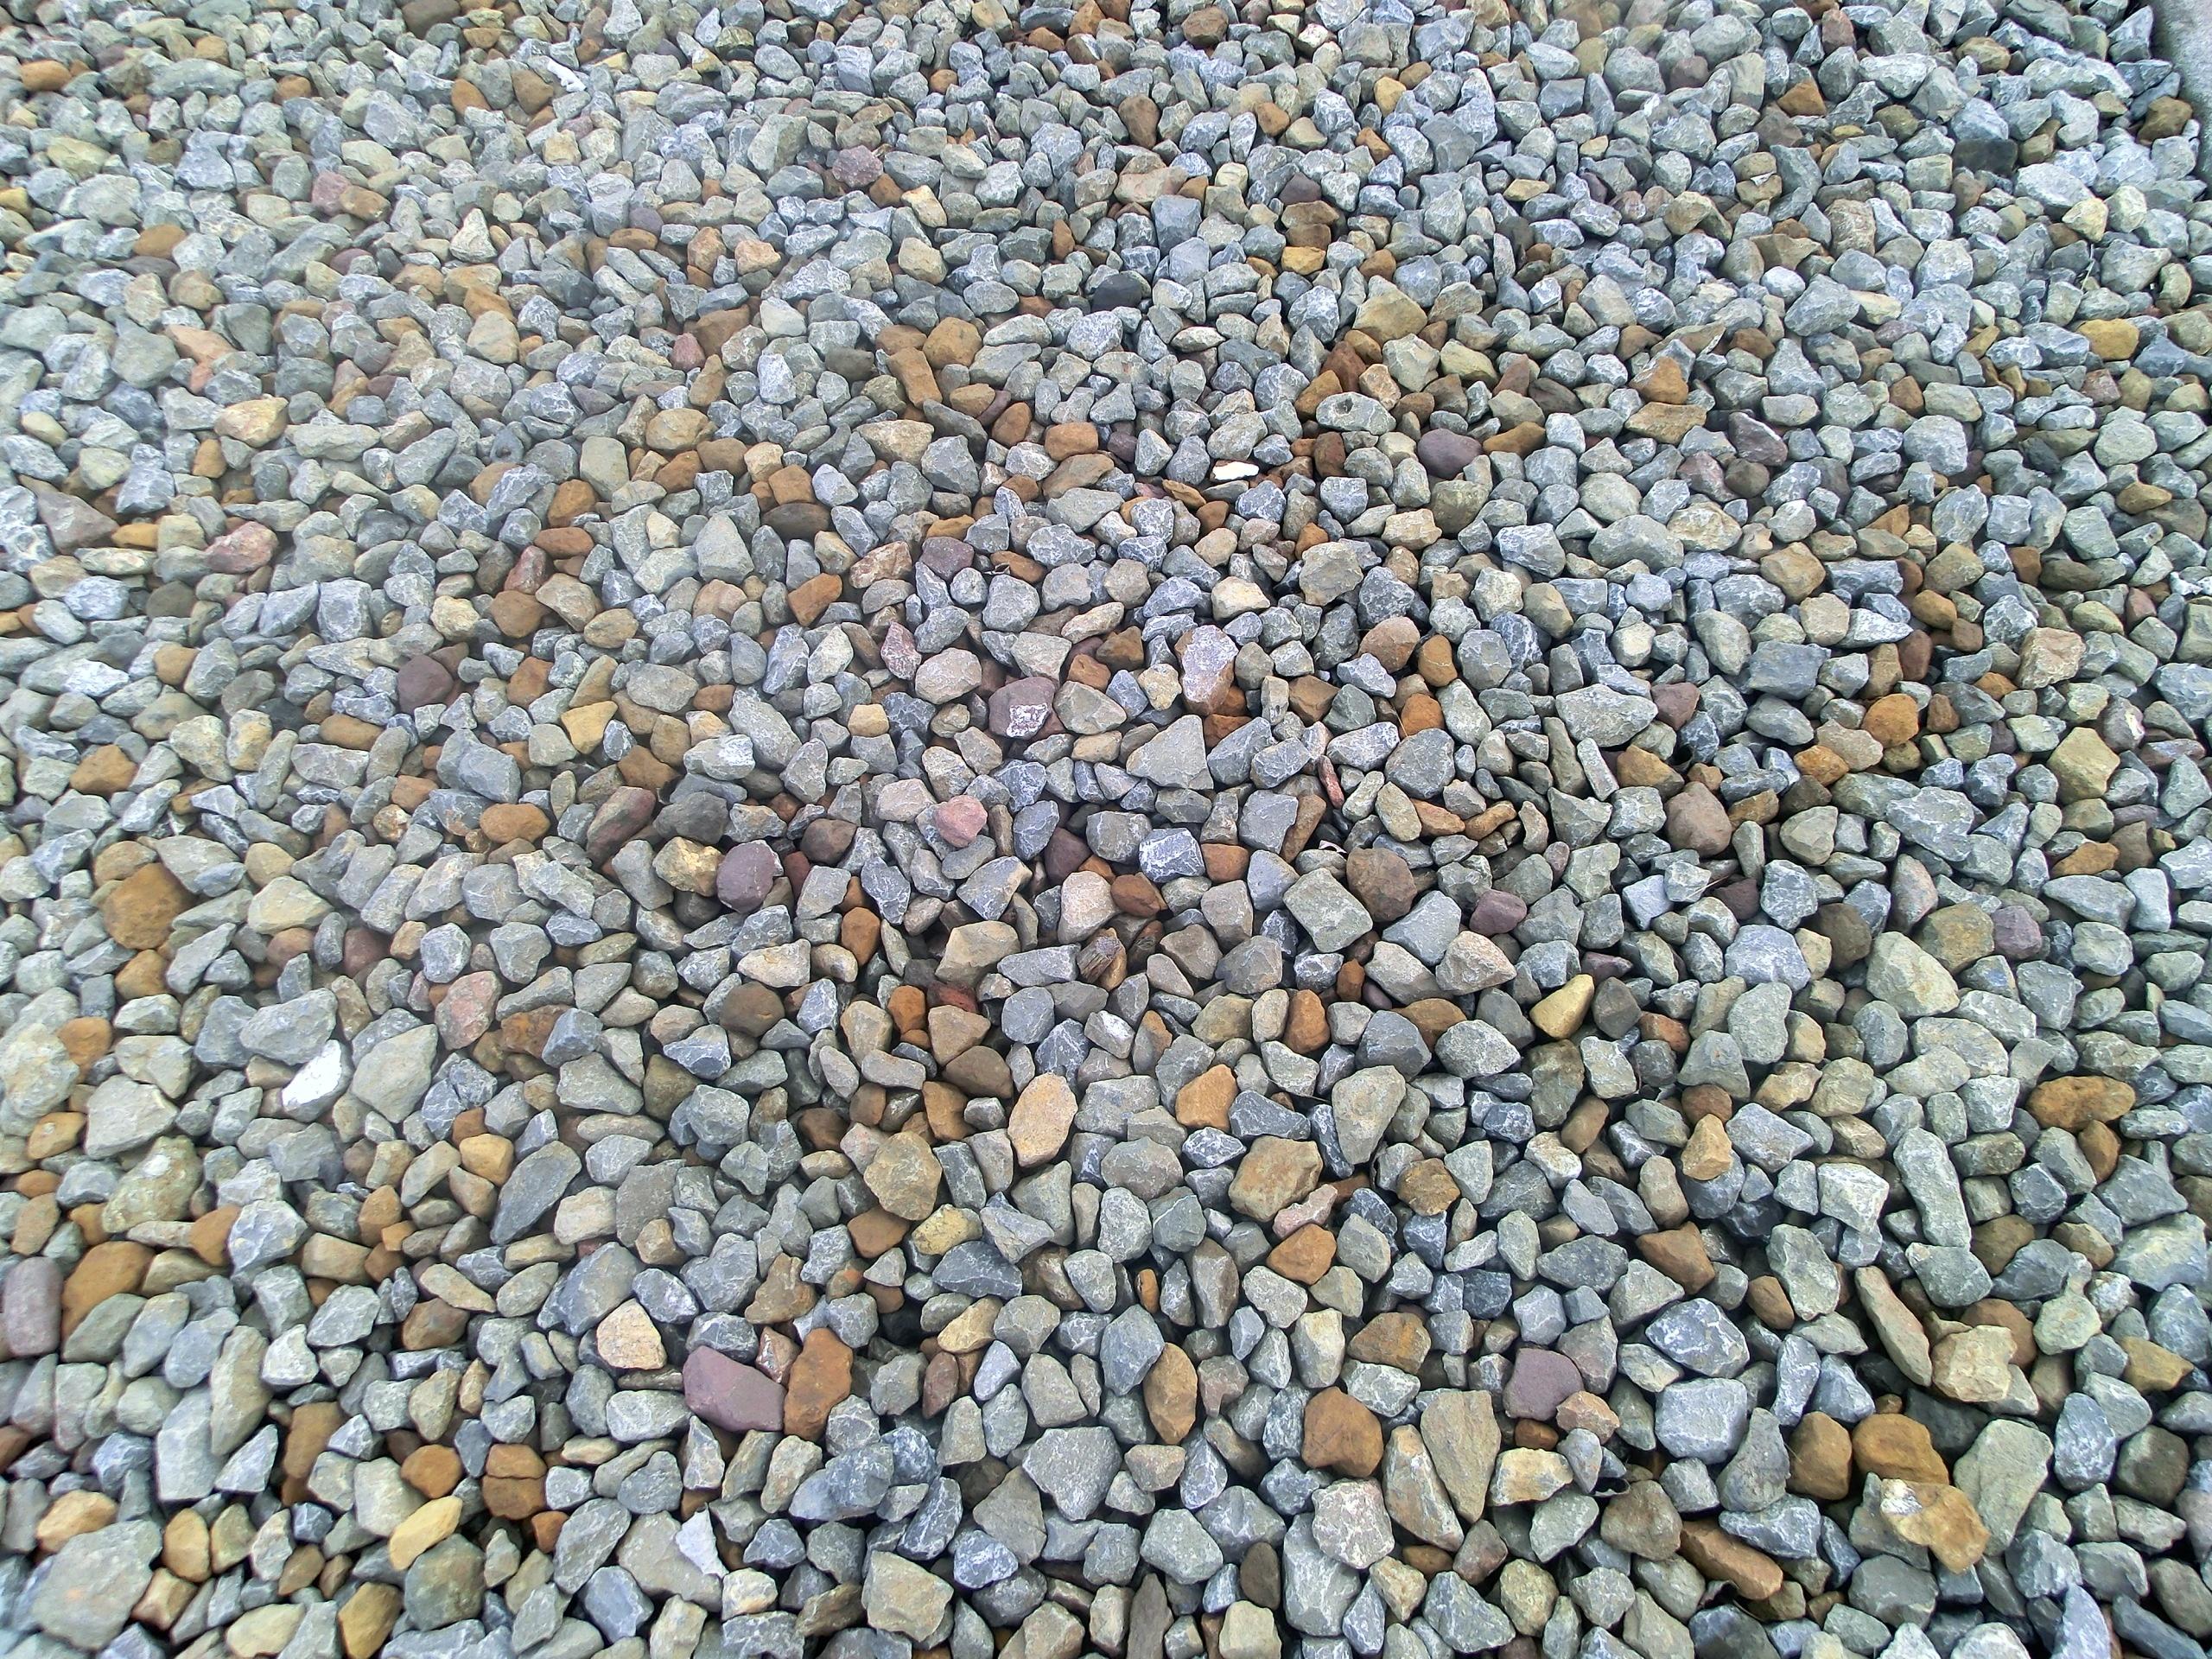 arena rock asfalto guijarro suelo pared de piedra material piedras escombros fondo grava guijarros piedra lejos